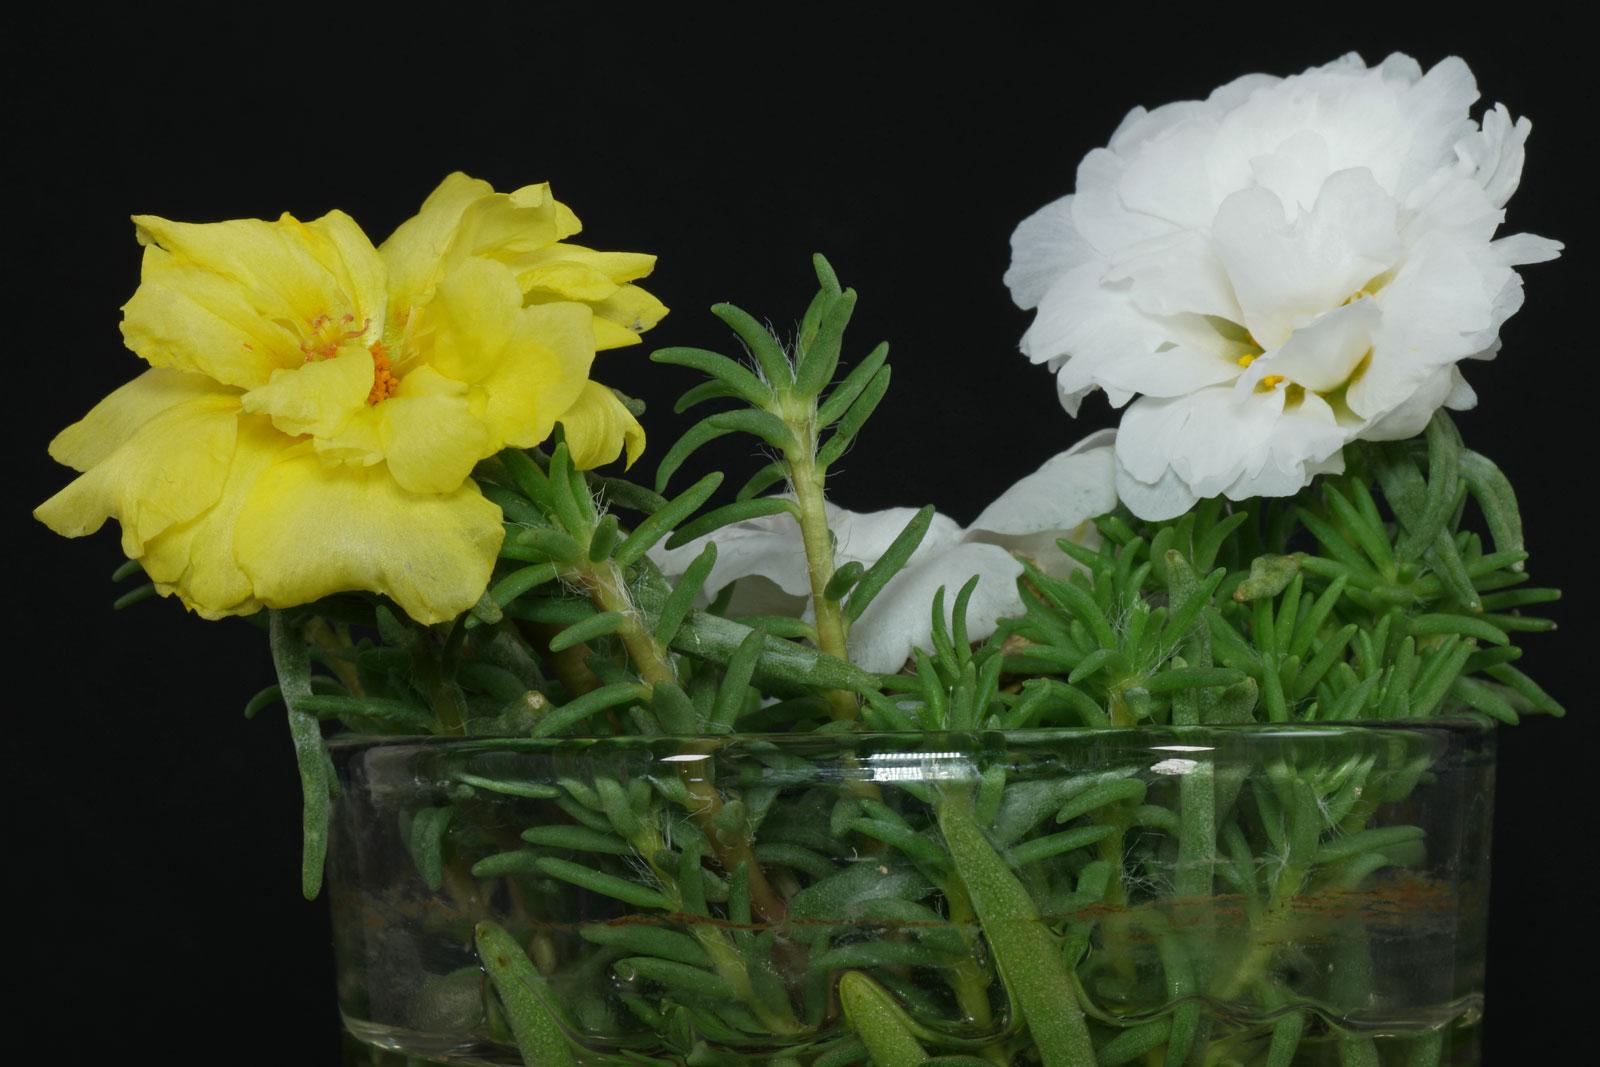 portulaca grandiflora cv